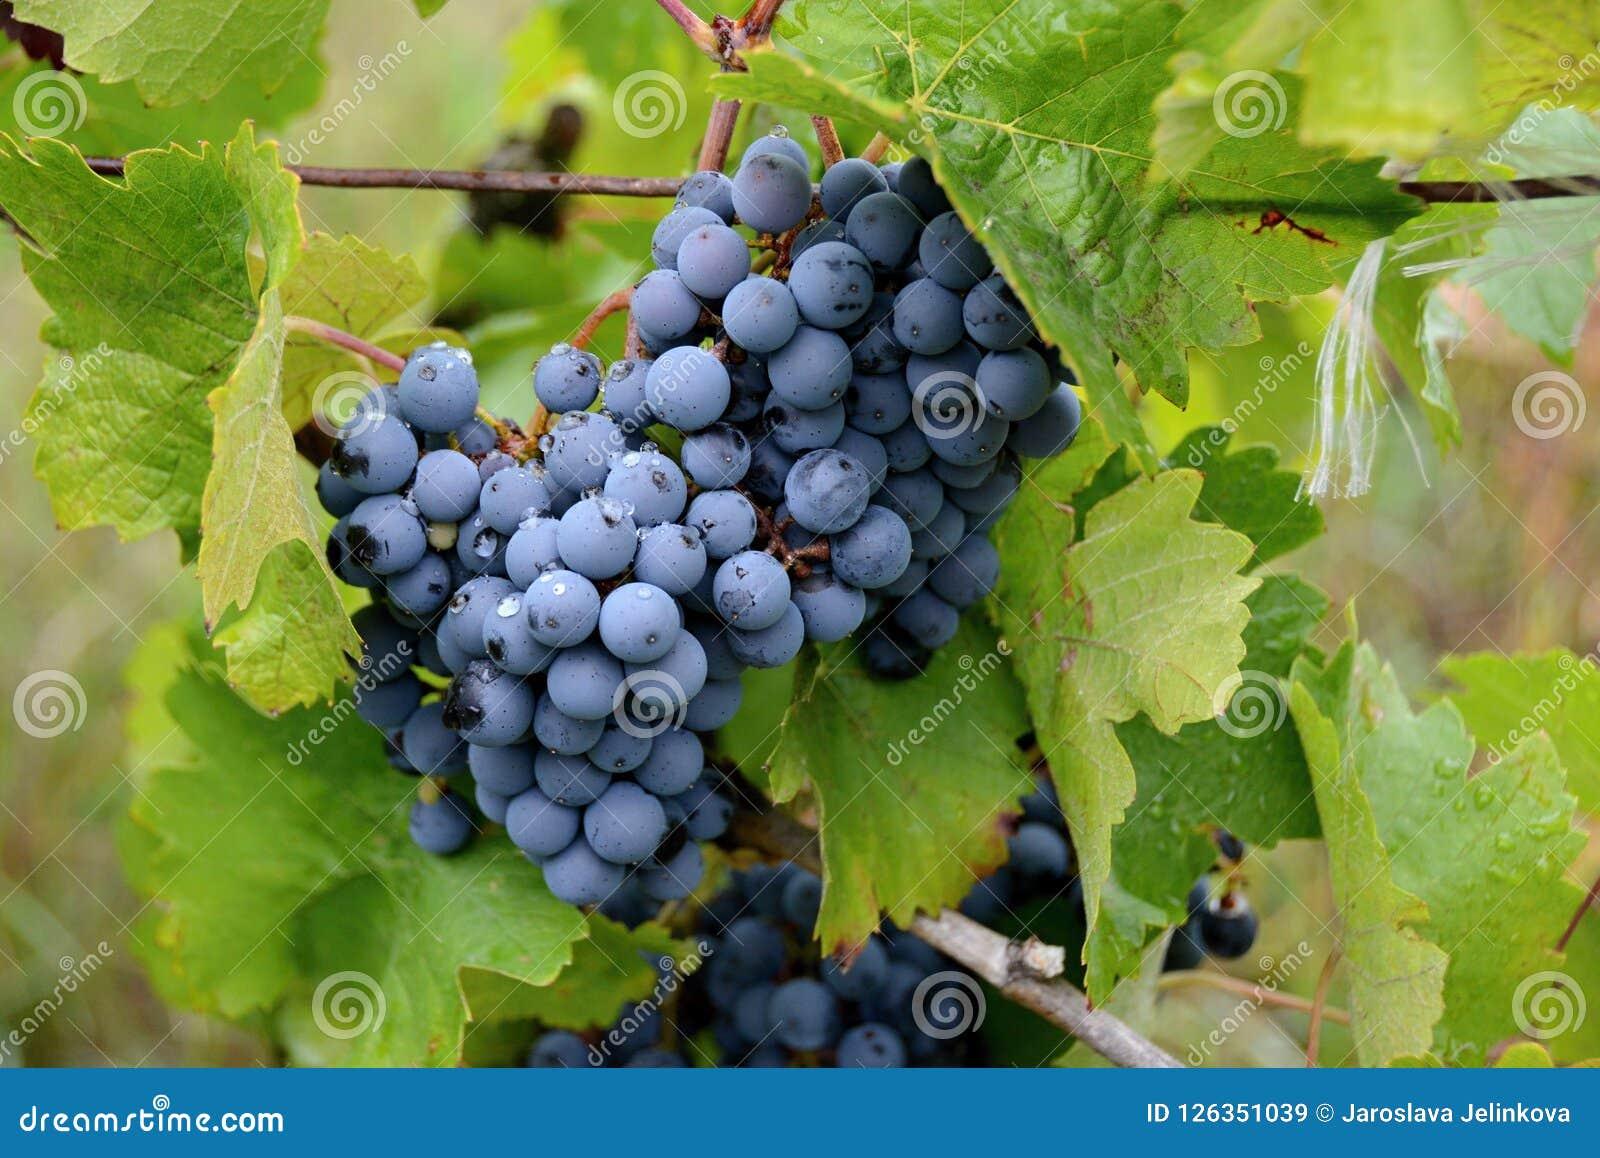 Wijnstok op een wijngaard, bessen voor het maken van rode wijn